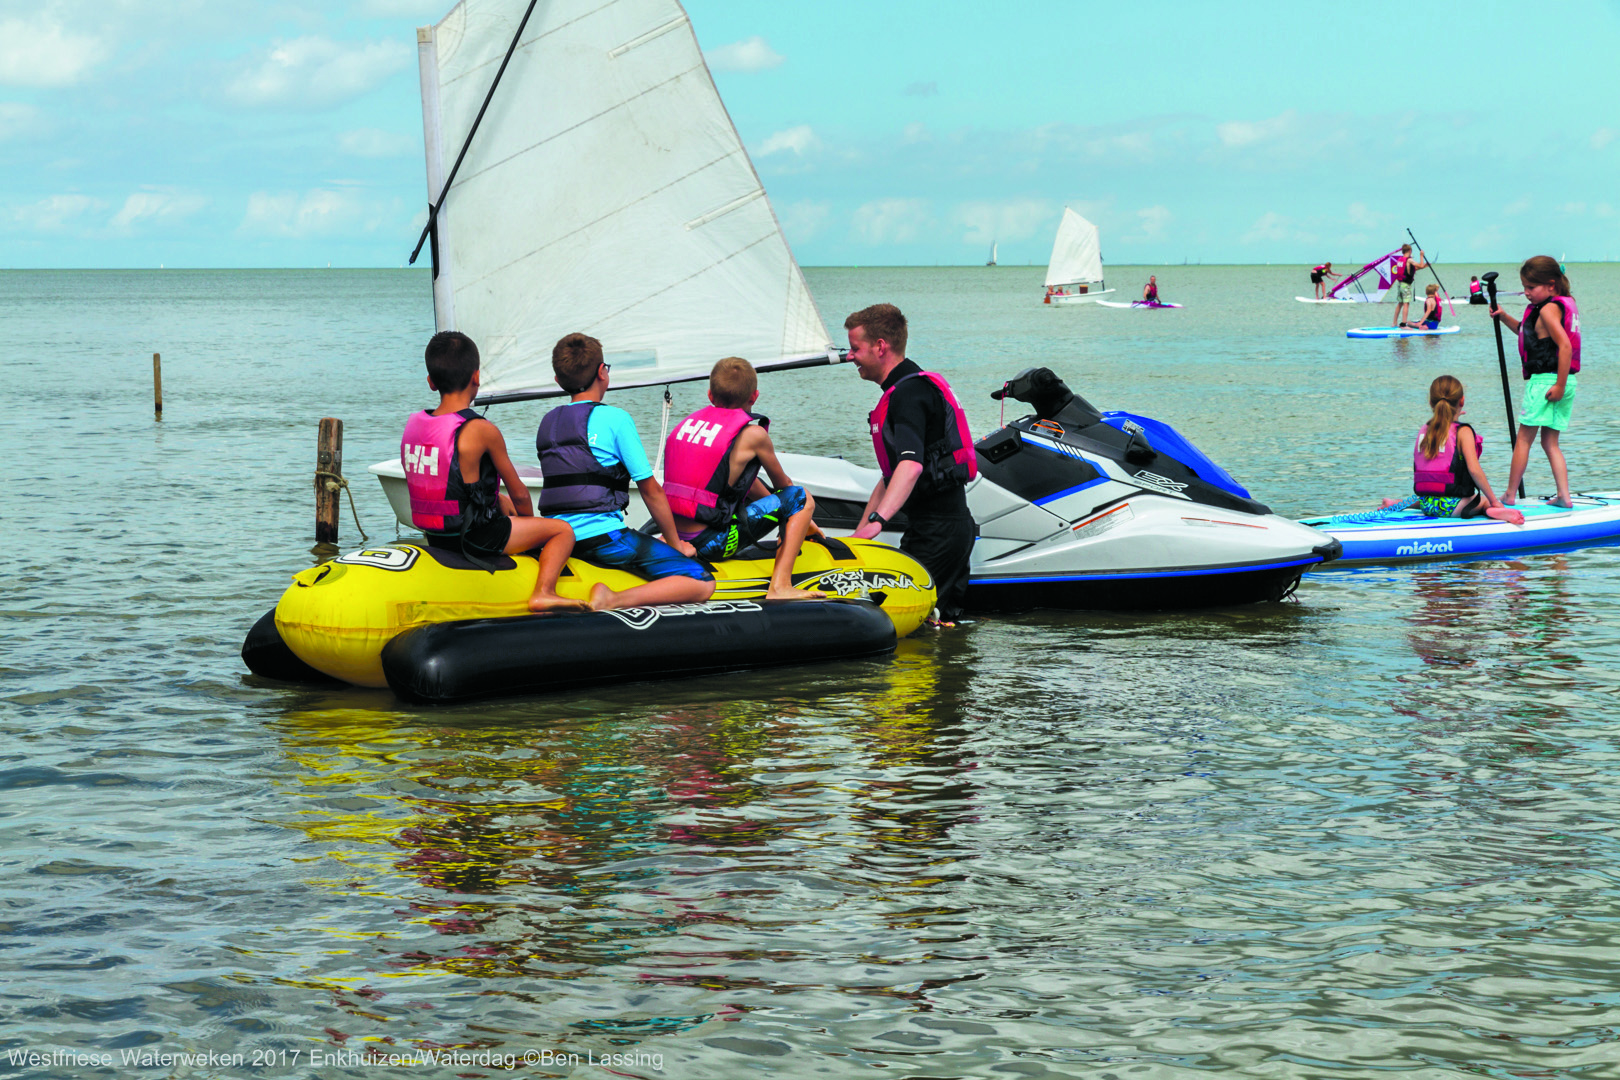 De echte waterliefhebbers doen zaterdag 28 juli weer mee aan de prestatie-zwemtocht. (Foto's: Ben Lassing) rodi.nl © rodi